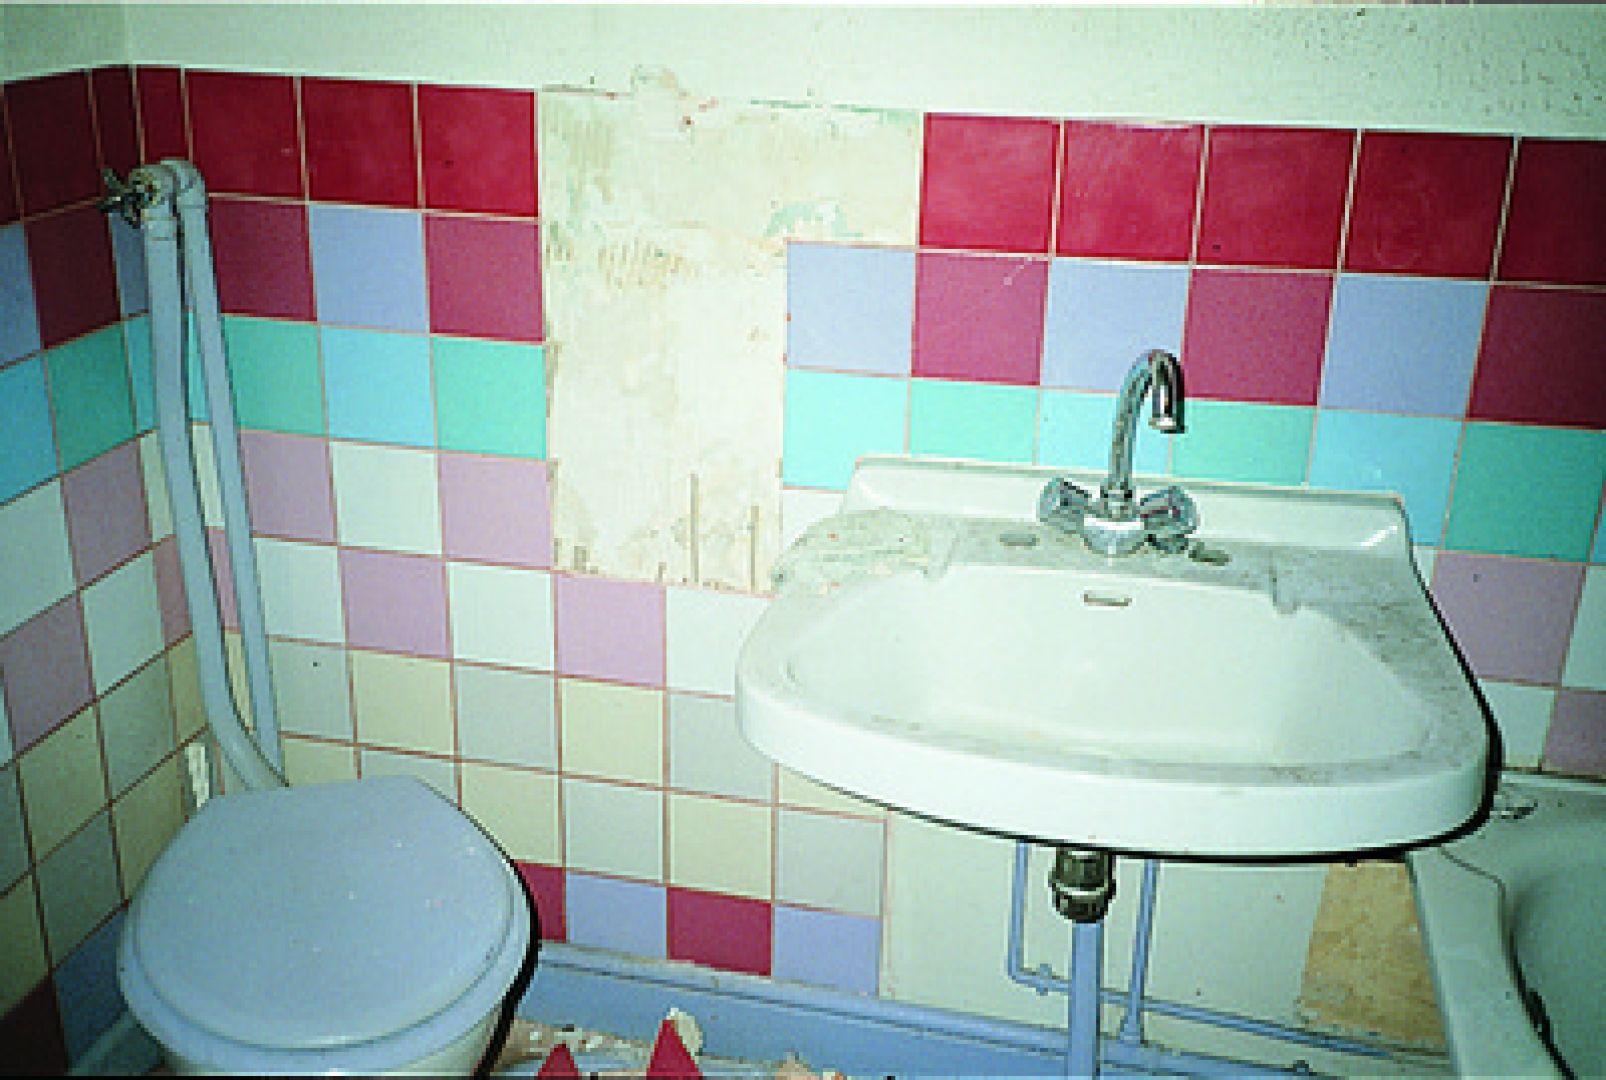 gạch ốp nhà vệ sinh - gạch bong tróc